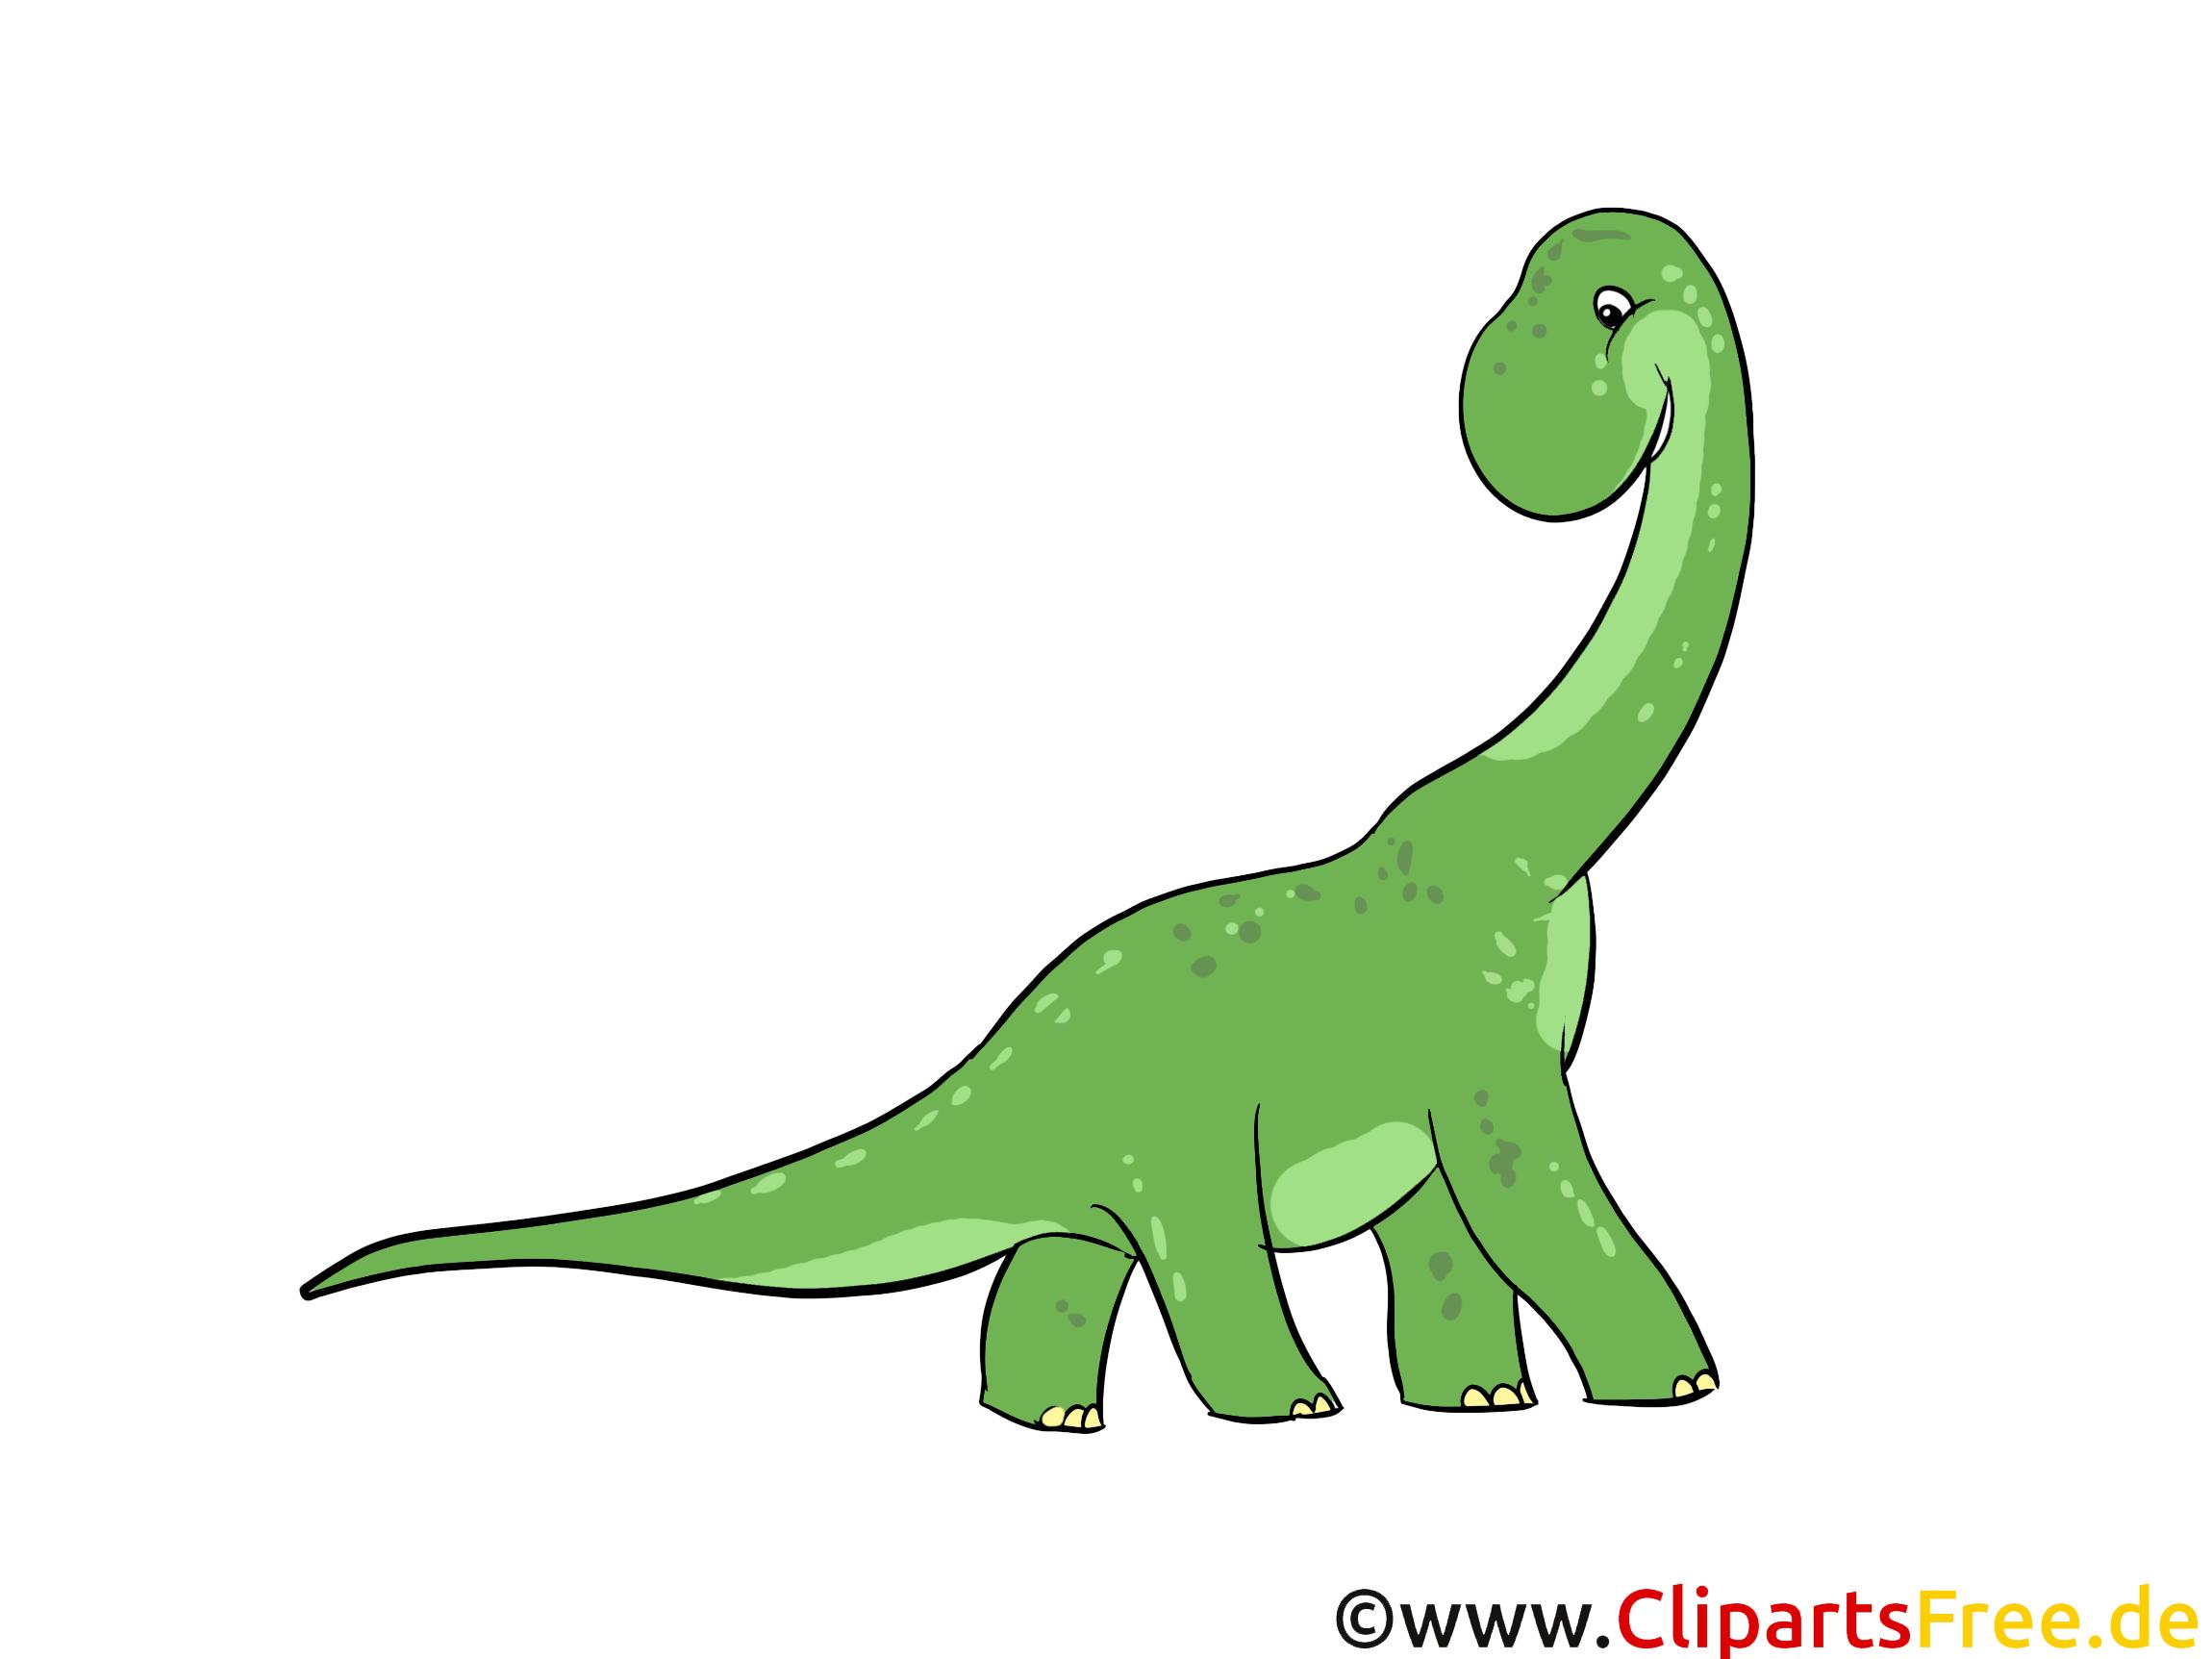 Kostenlose Ausmalbilder Dinosaurier : Dinosaurier Bilder Cliparts Gifs Illustrationen Grafiken Kostenlos